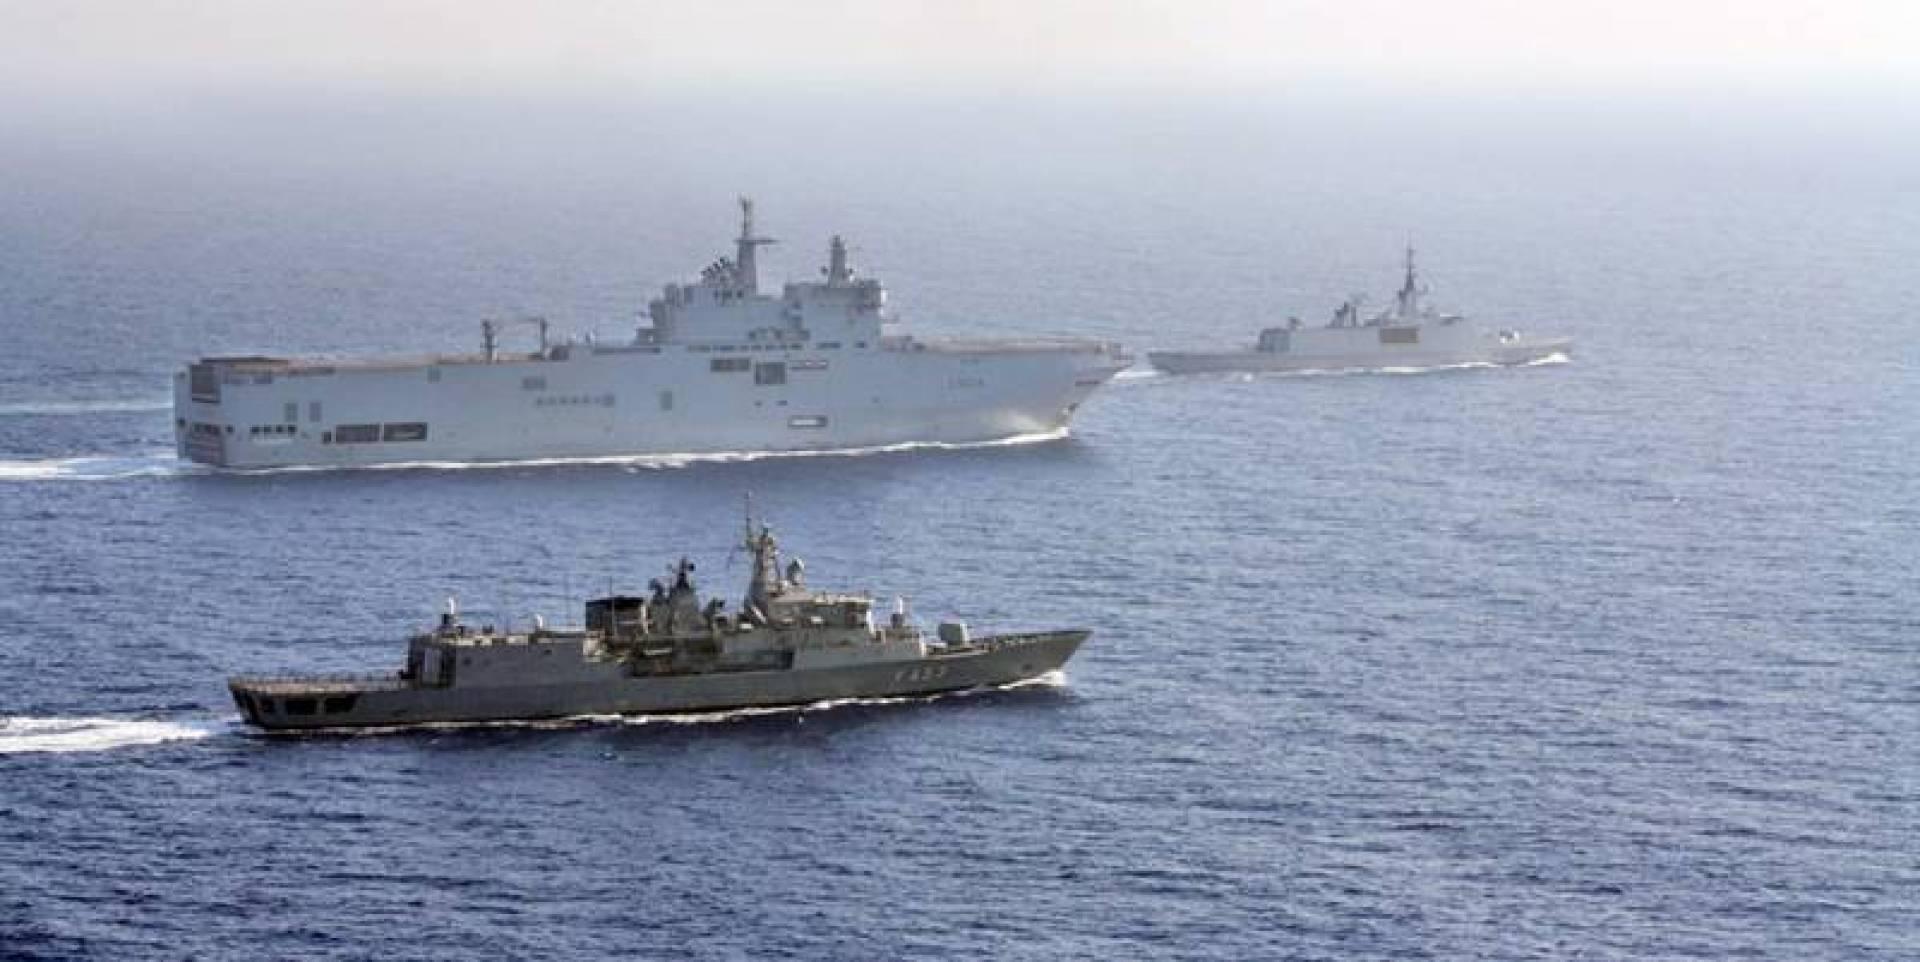 فرنسا تُبرز قوتها لتركيا.. شرق المتوسط